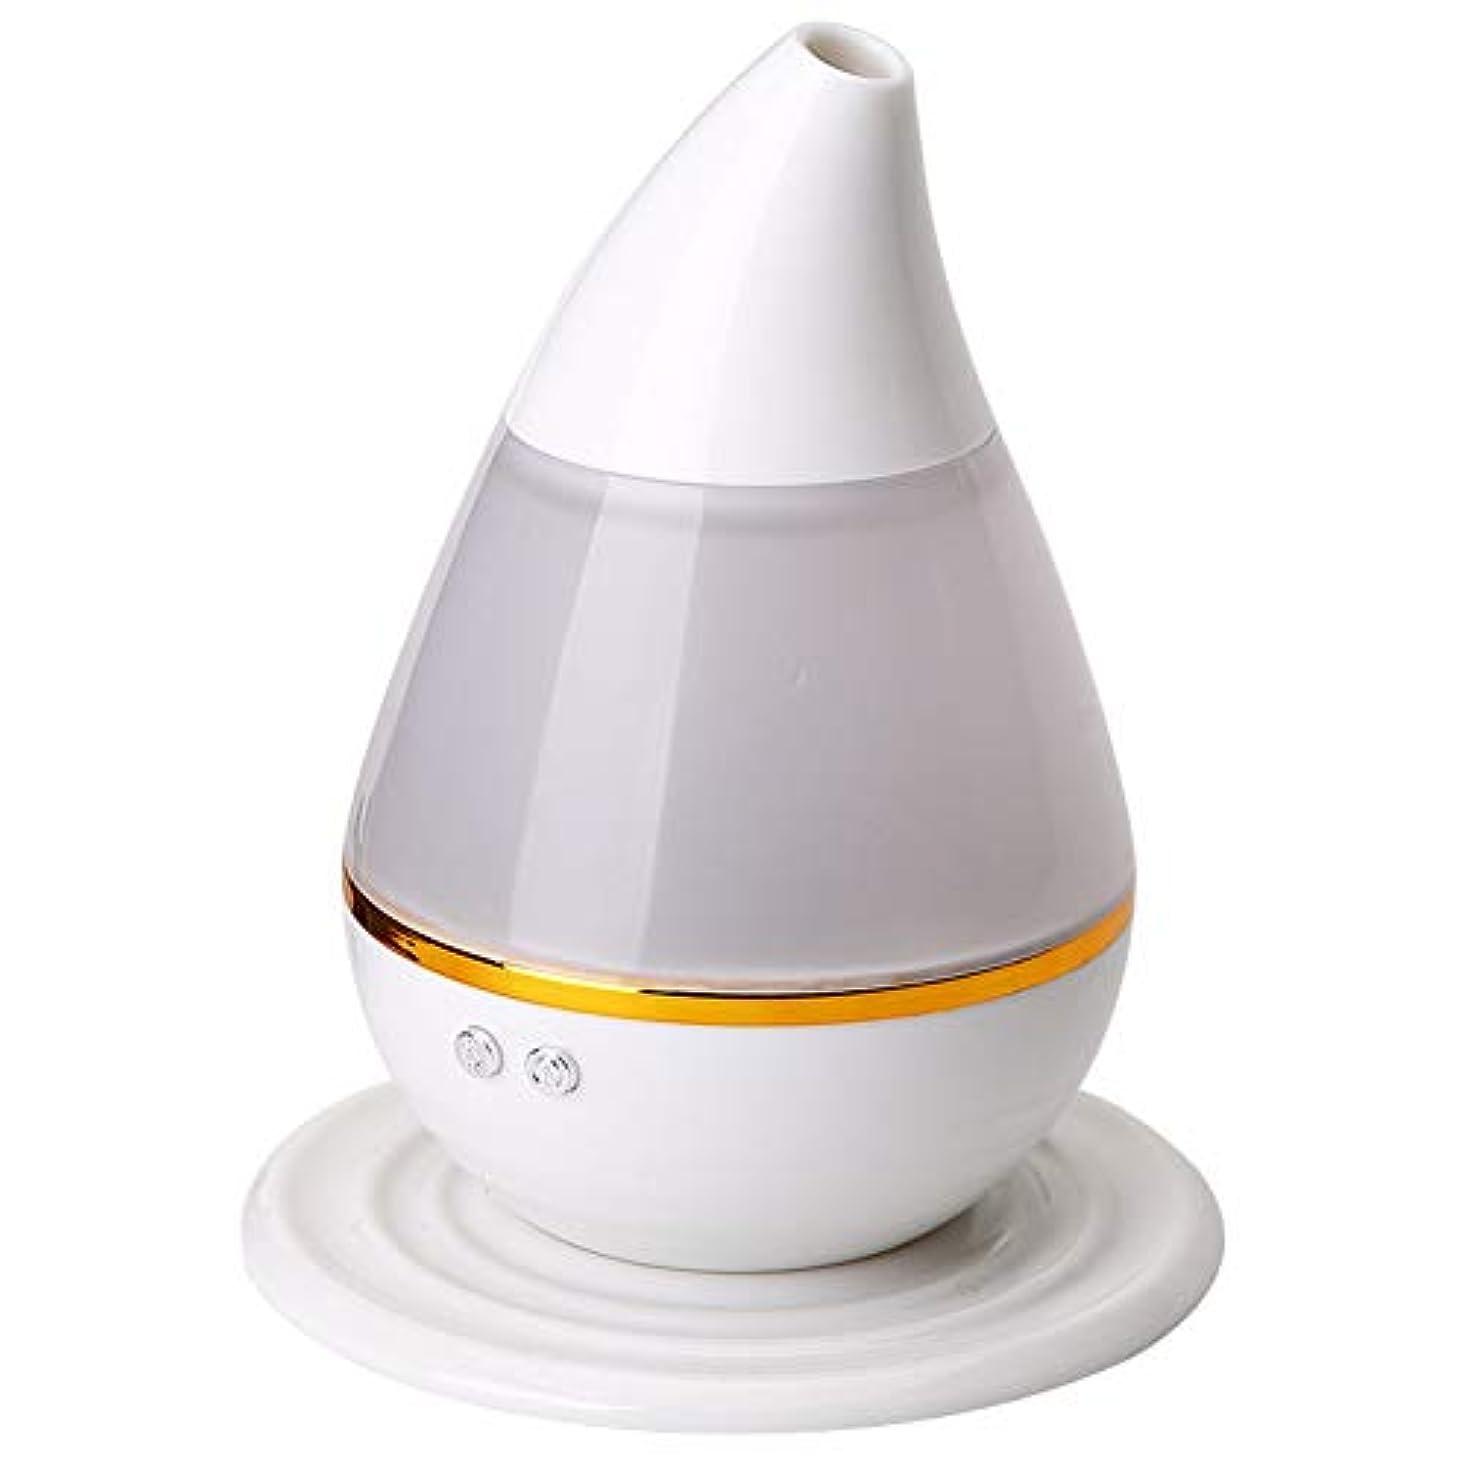 編集者誓う衝撃エッセンシャル オイル ディフューザー, 涼しい霧の加湿器 7色LEDムードランプ そして 自動シャットオフ アロマディフューザー の ホーム オフィス Yoga 車-ホワイト 12x15cm